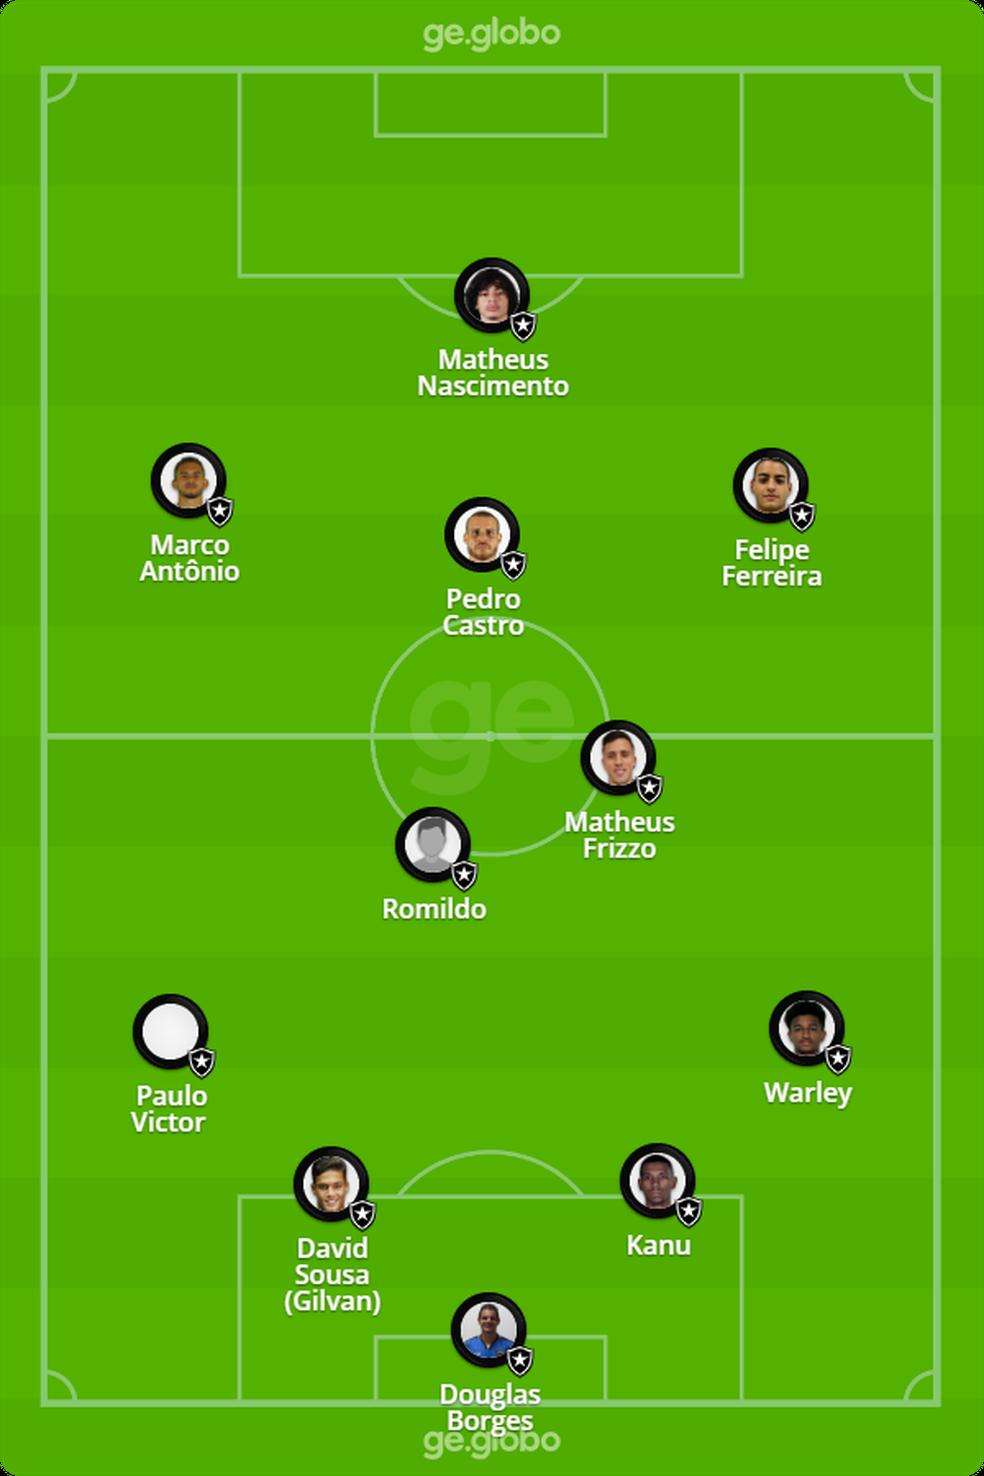 Provável escalação do Botafogo para enfrentar o Nova Iguaçu — Foto: ge